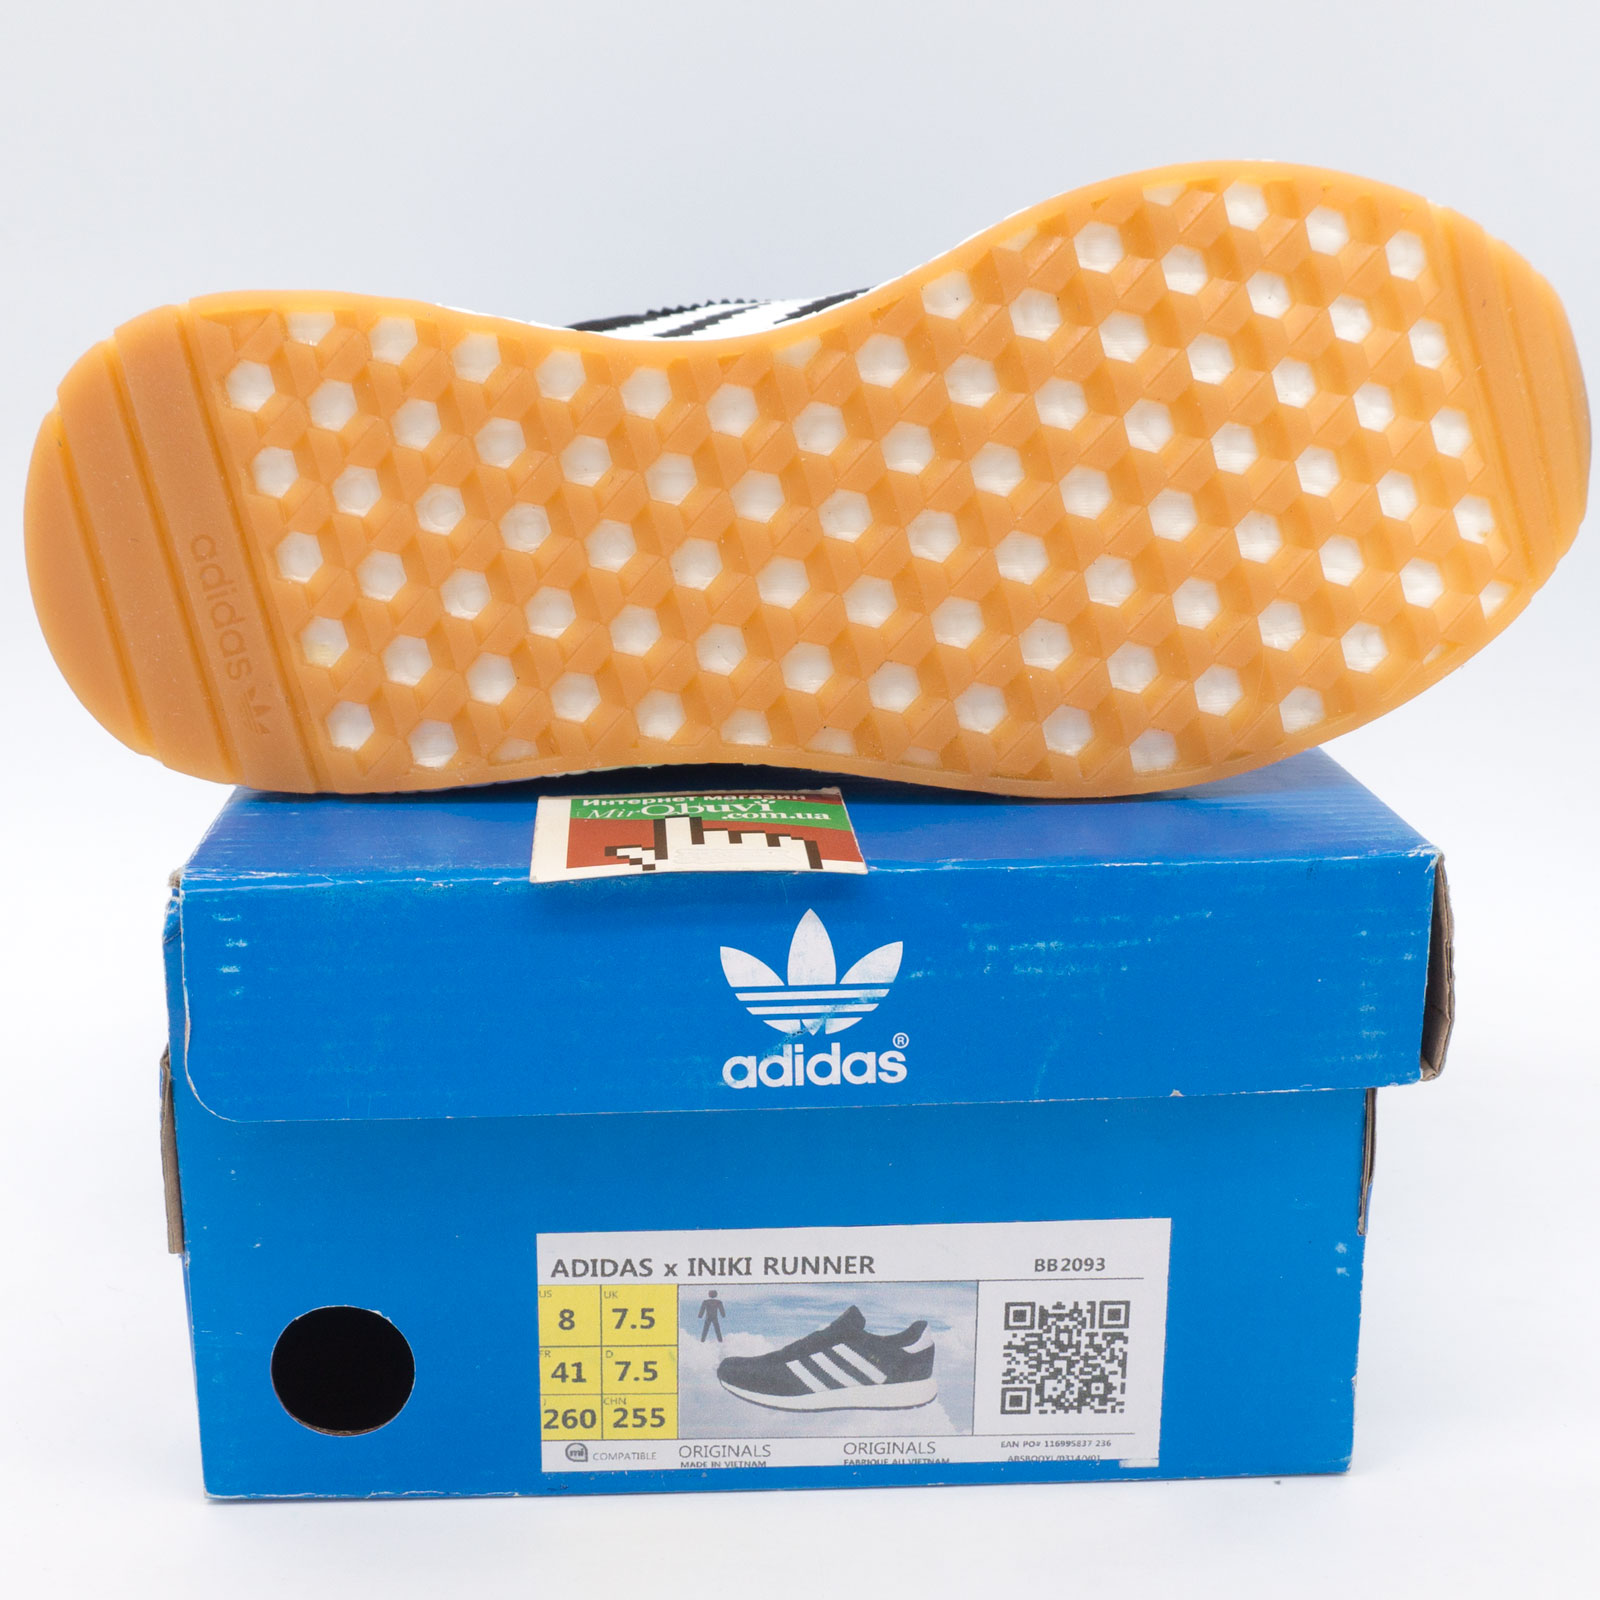 фото bottom Кроссовки для бега Adidas Iniki Runner черные с белыми полосками bottom